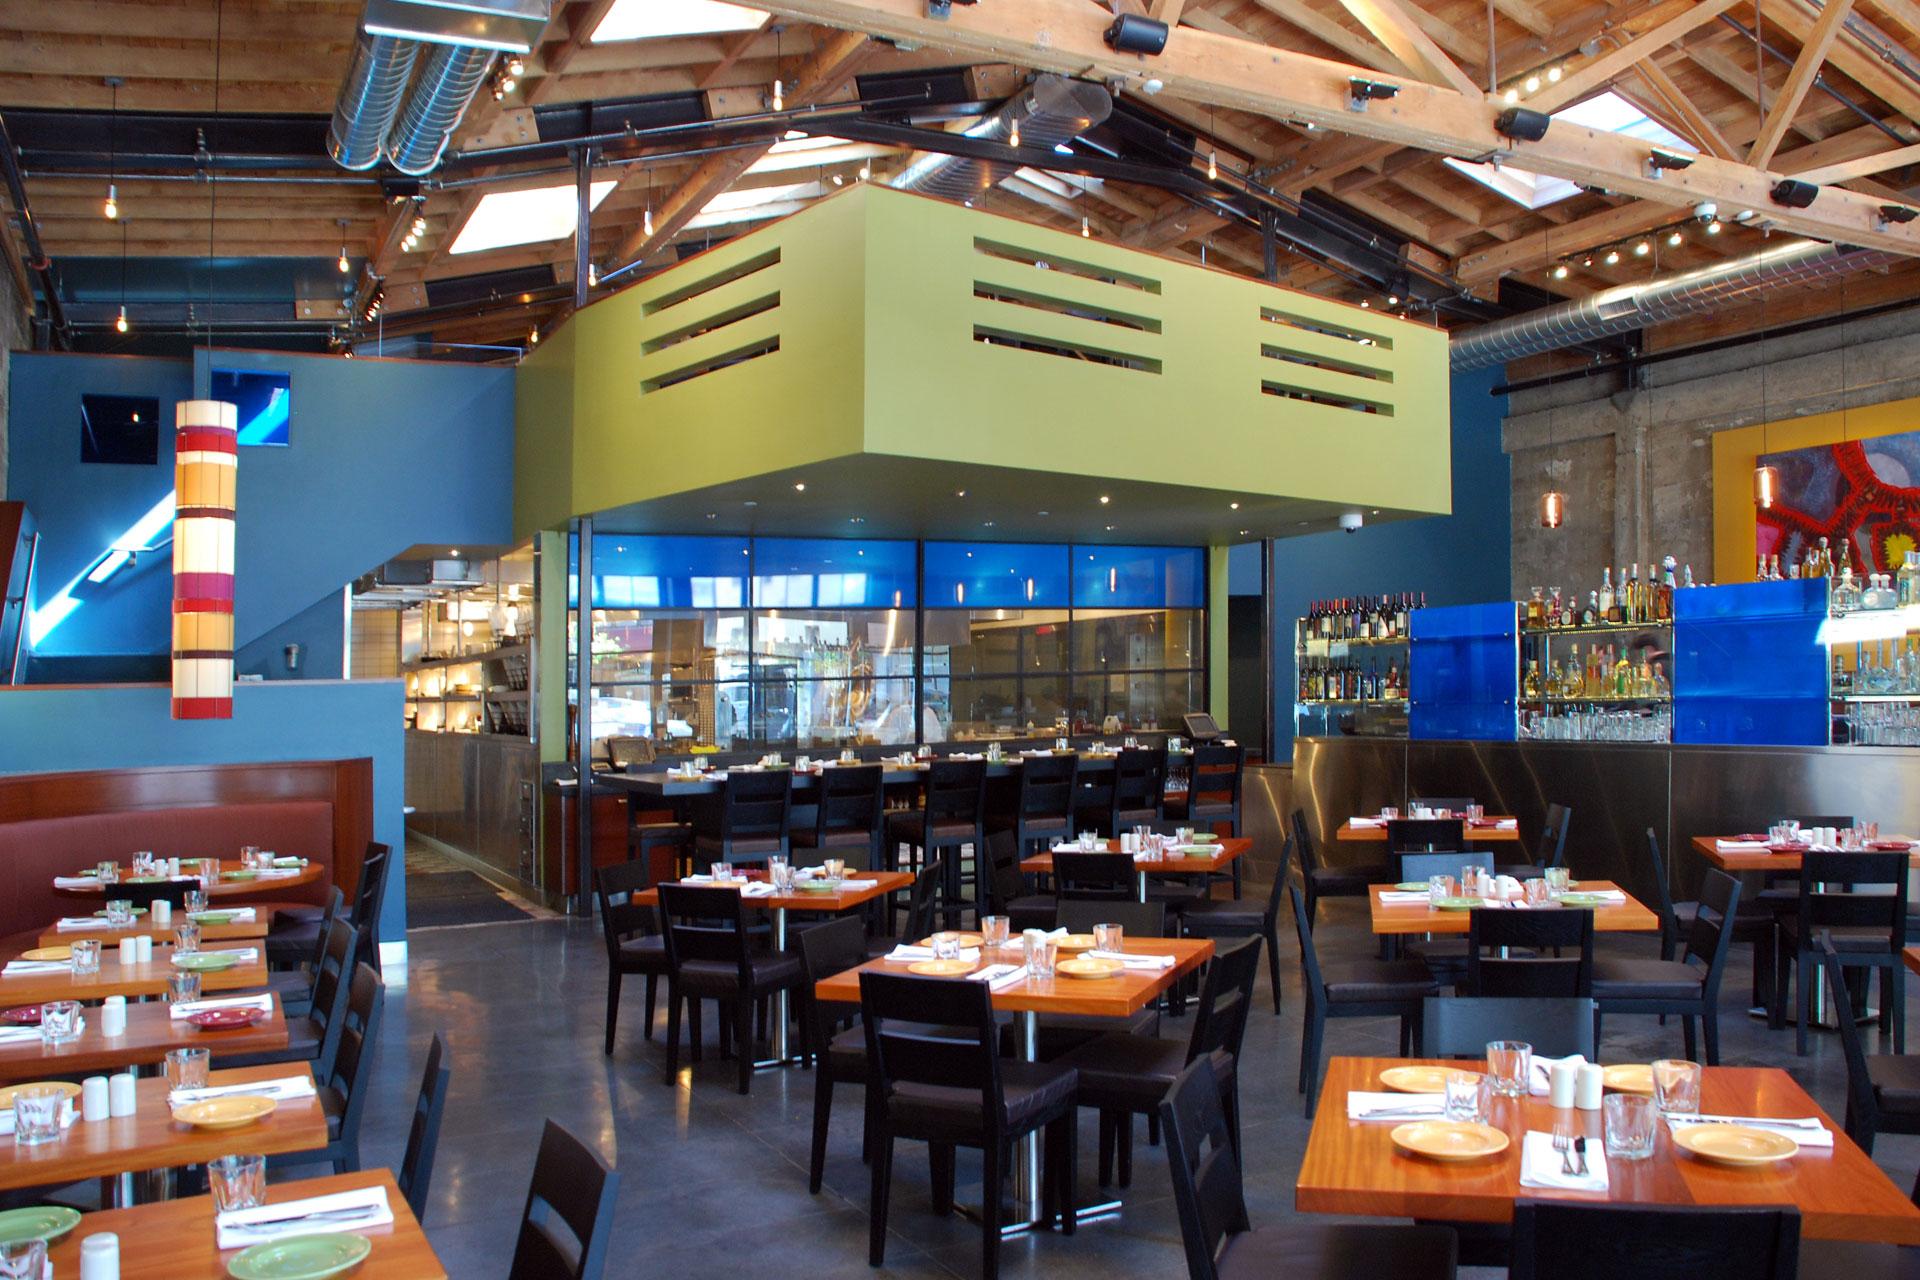 Reposado restaurant decor